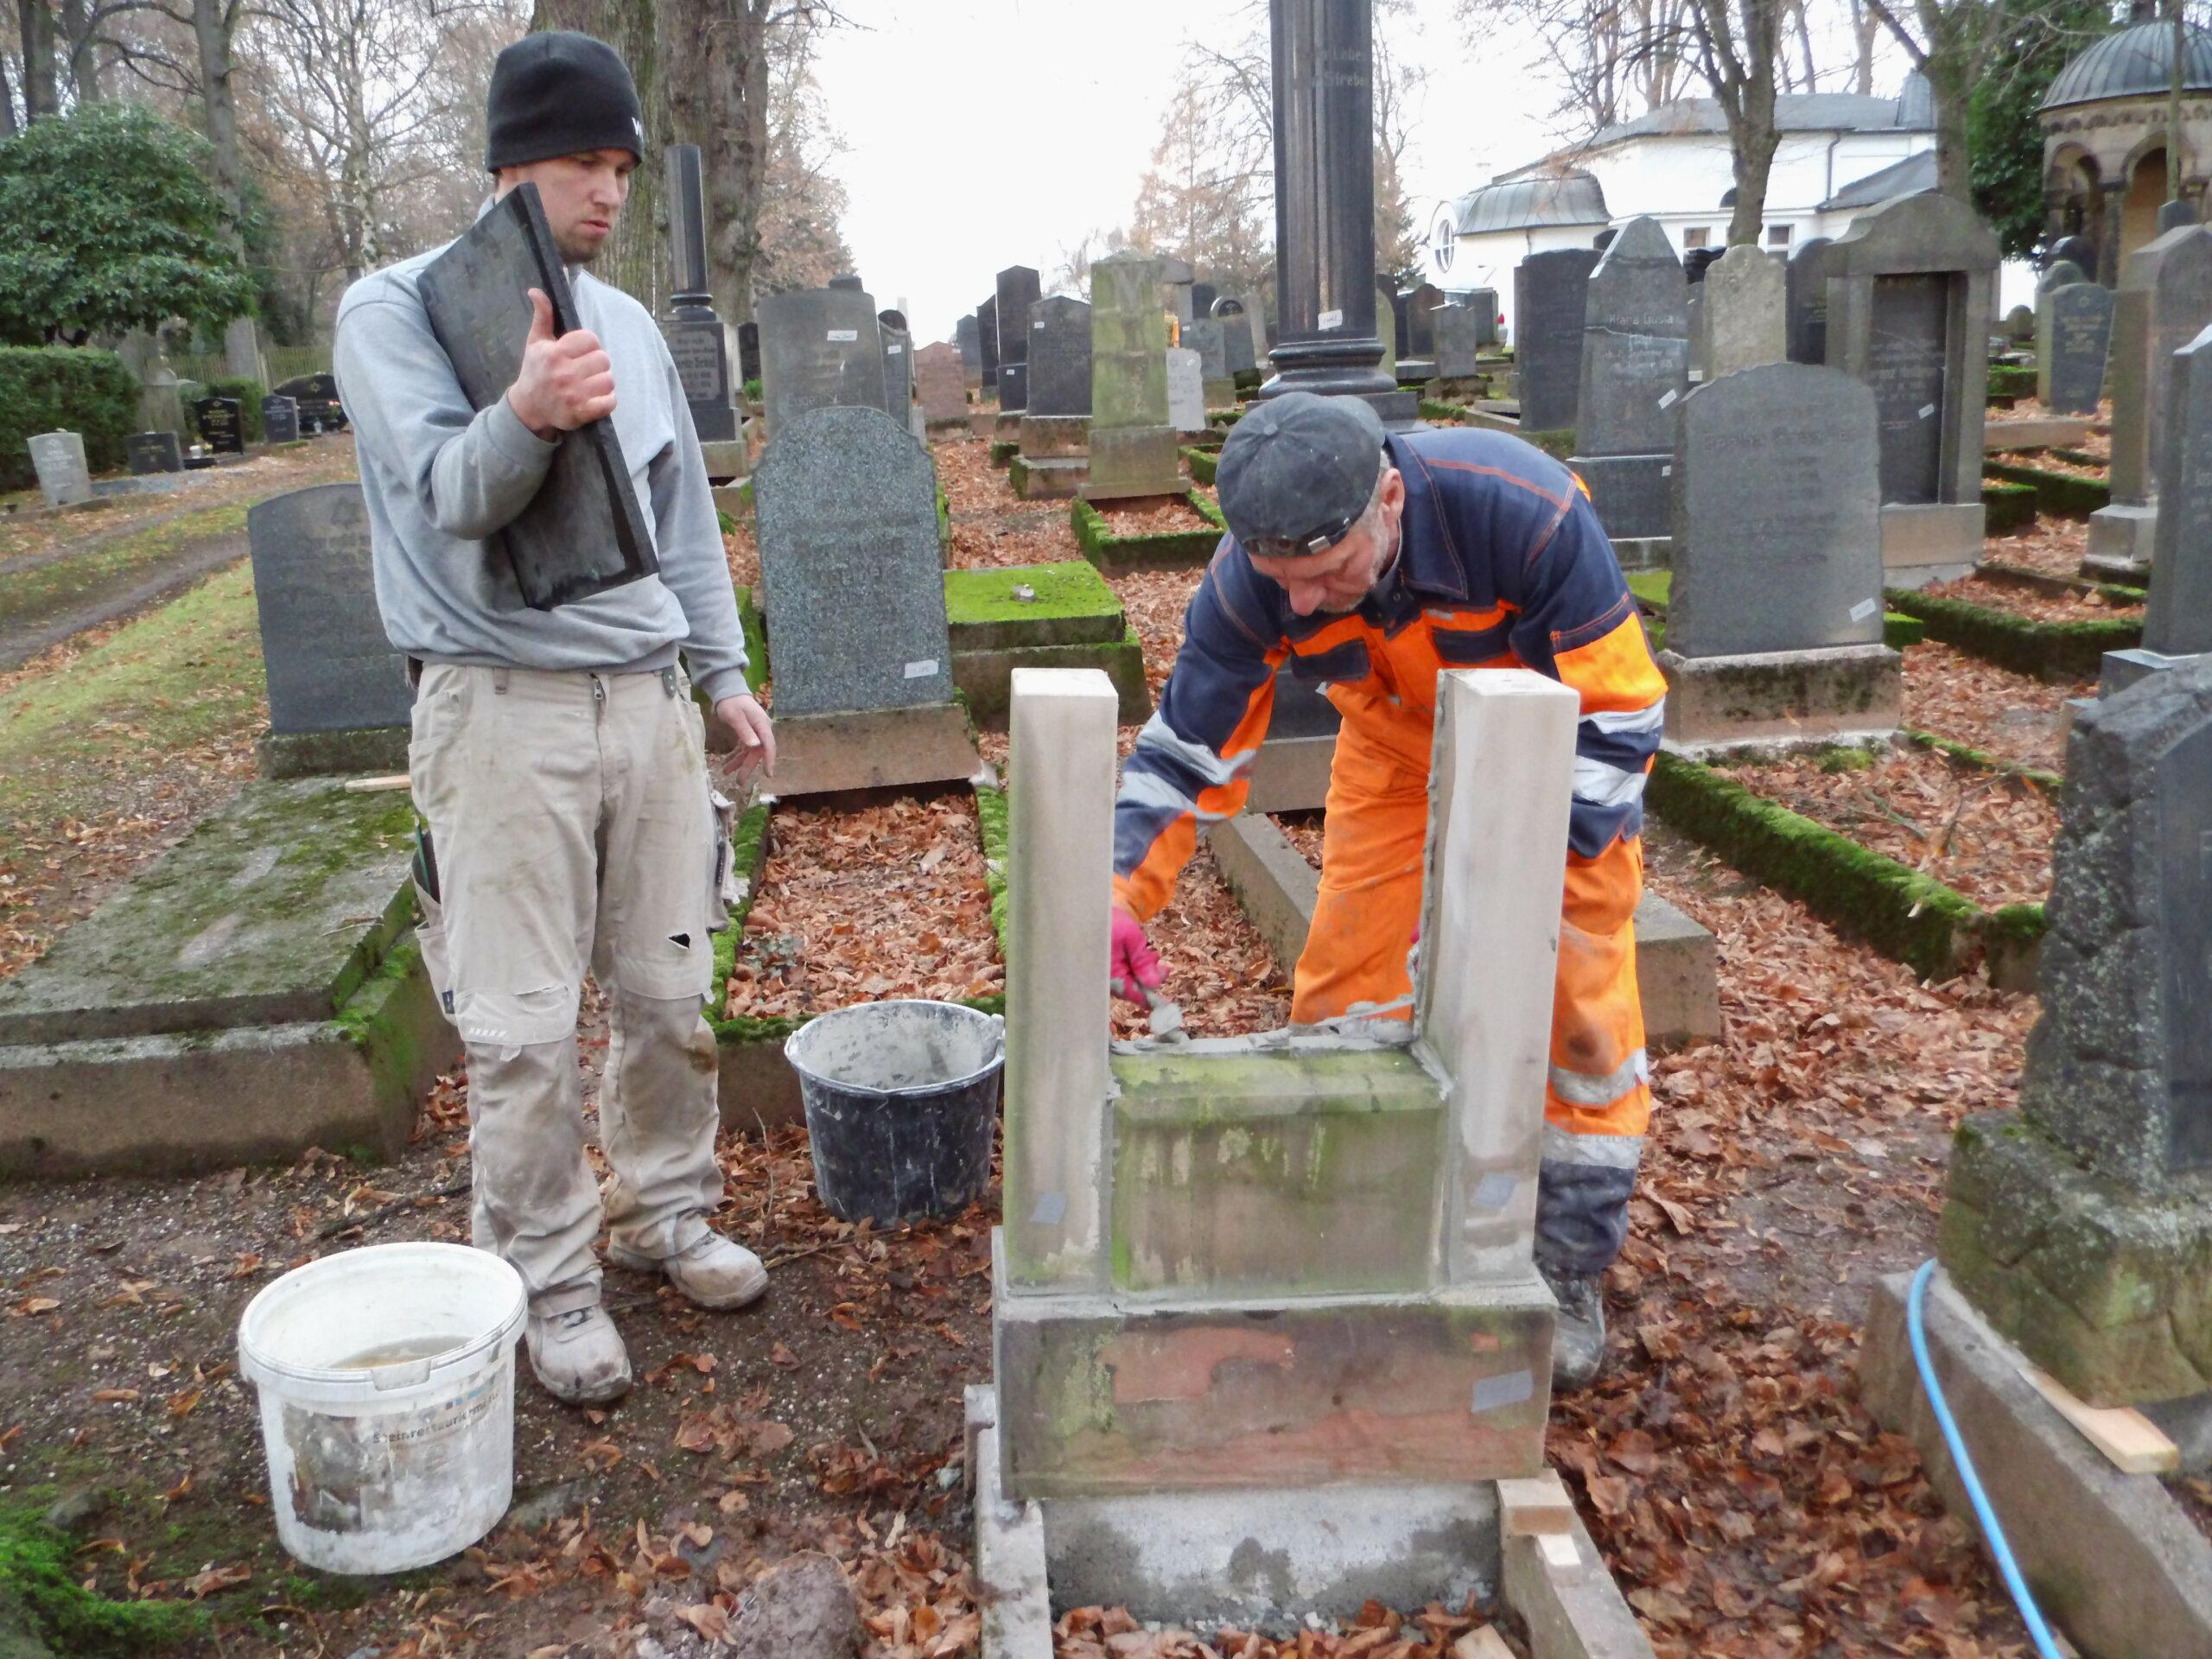 Juedischer_Friedhof_2021_1